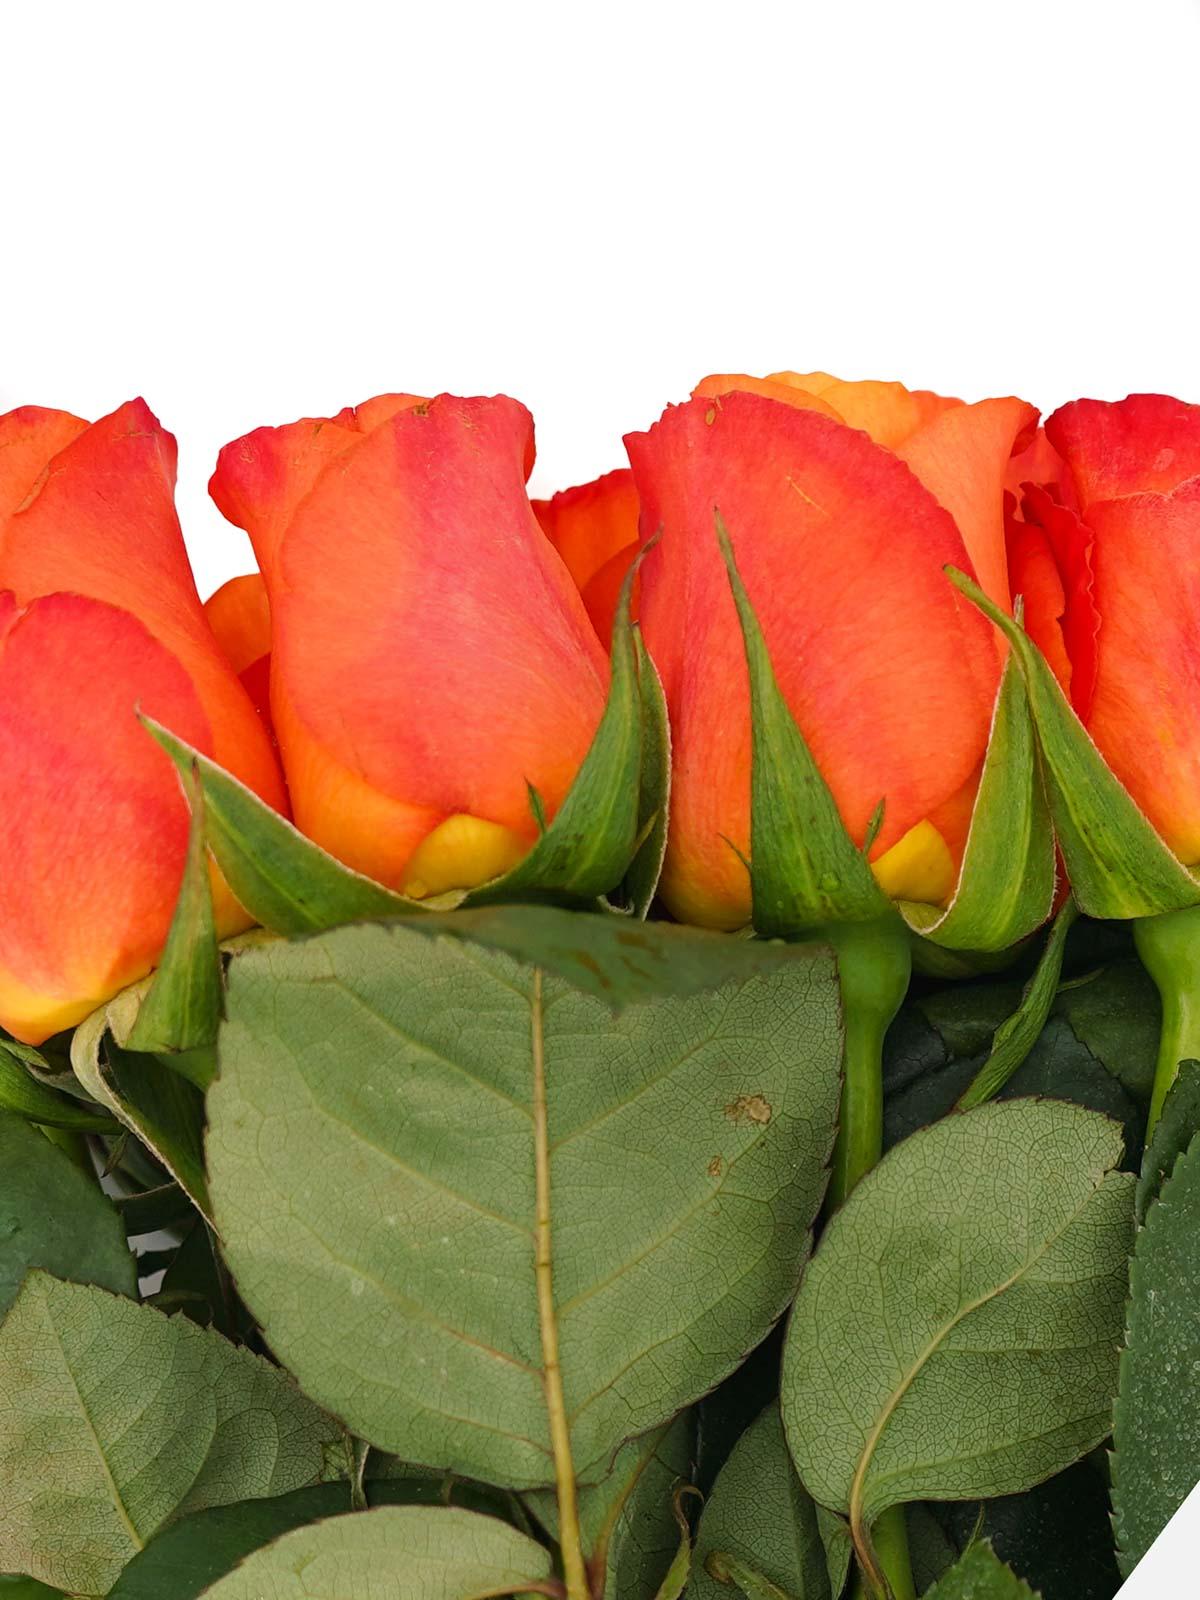 زهور برتقالي ' الزهور بالجملة زهور مقطوفة